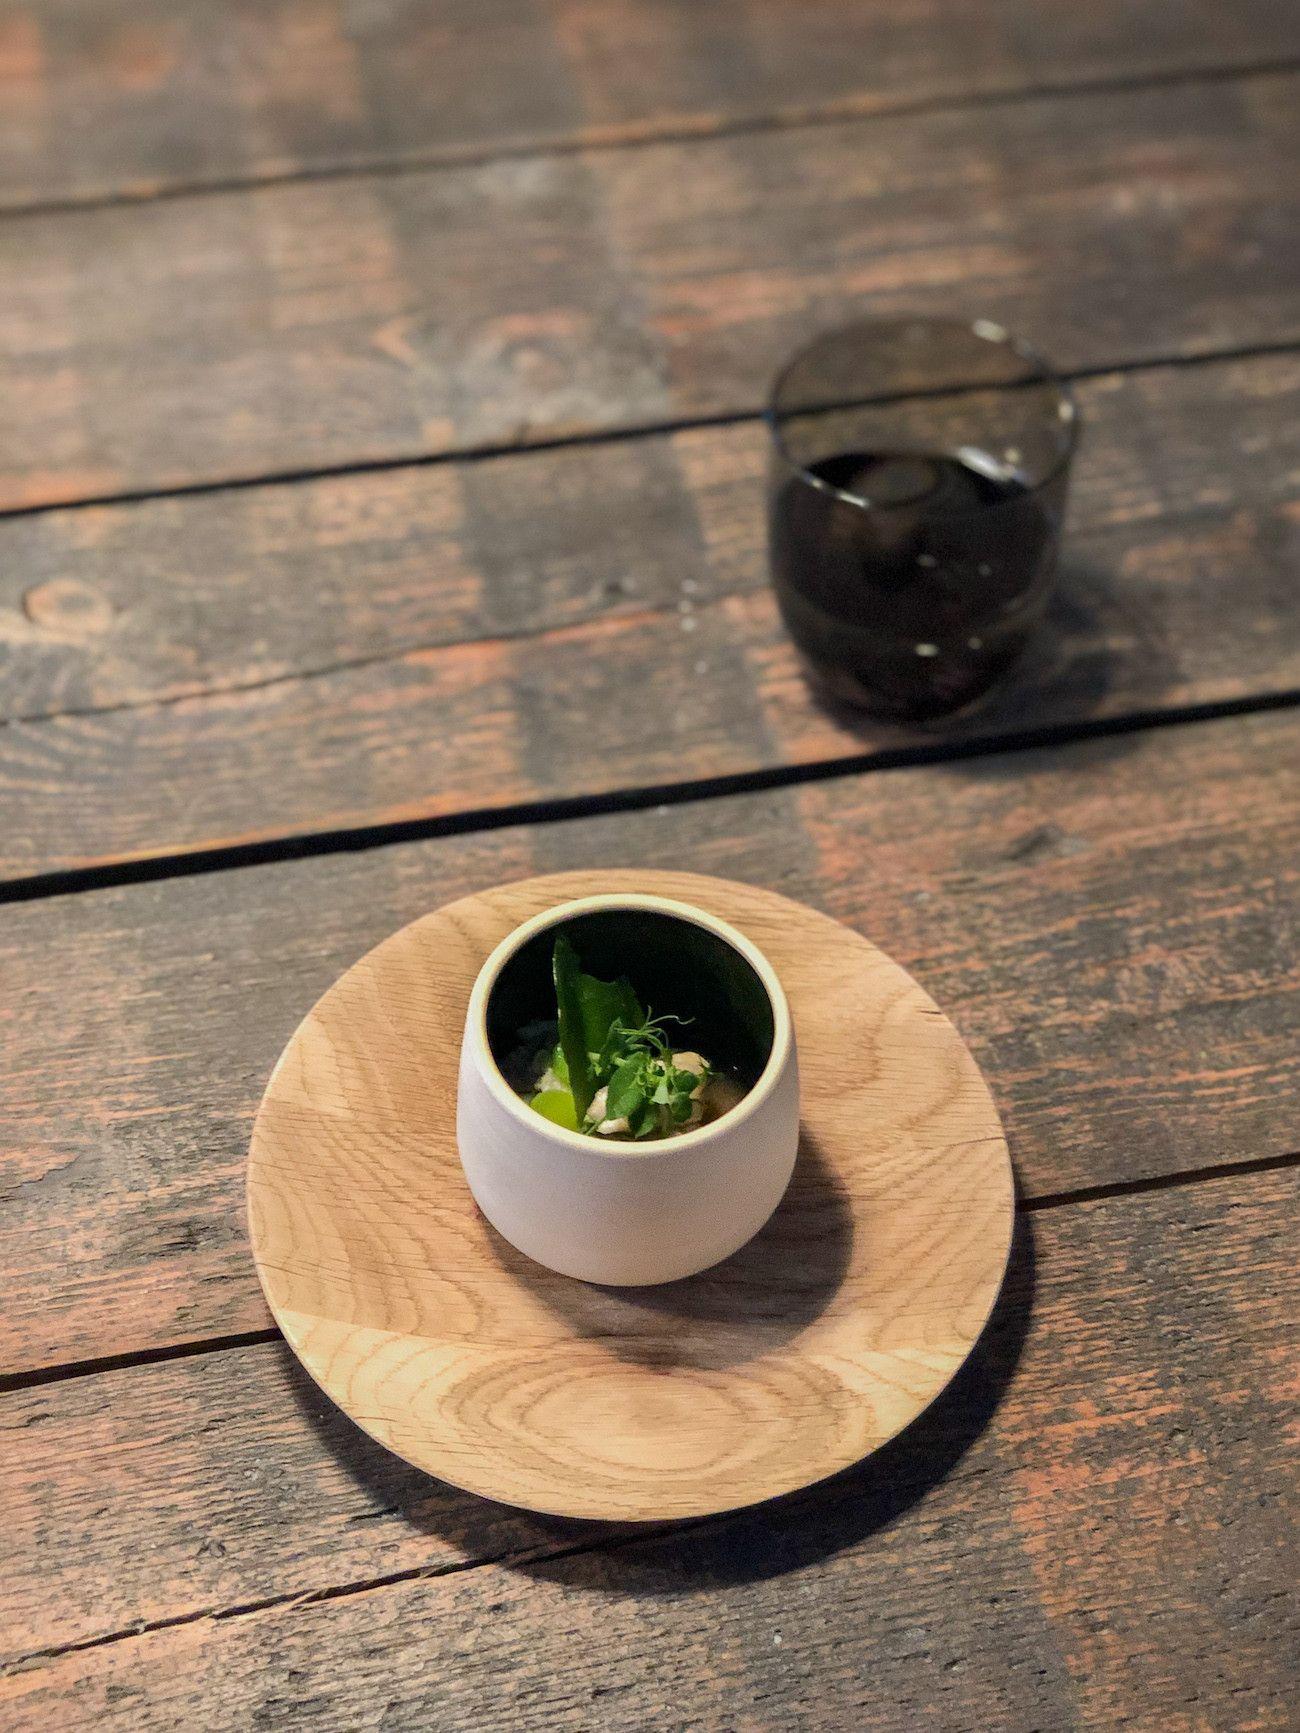 Foodblog, About Fuel, Leckerbissen, Tisk, Restaurtant, Ceviche, Gruß aus der Küche